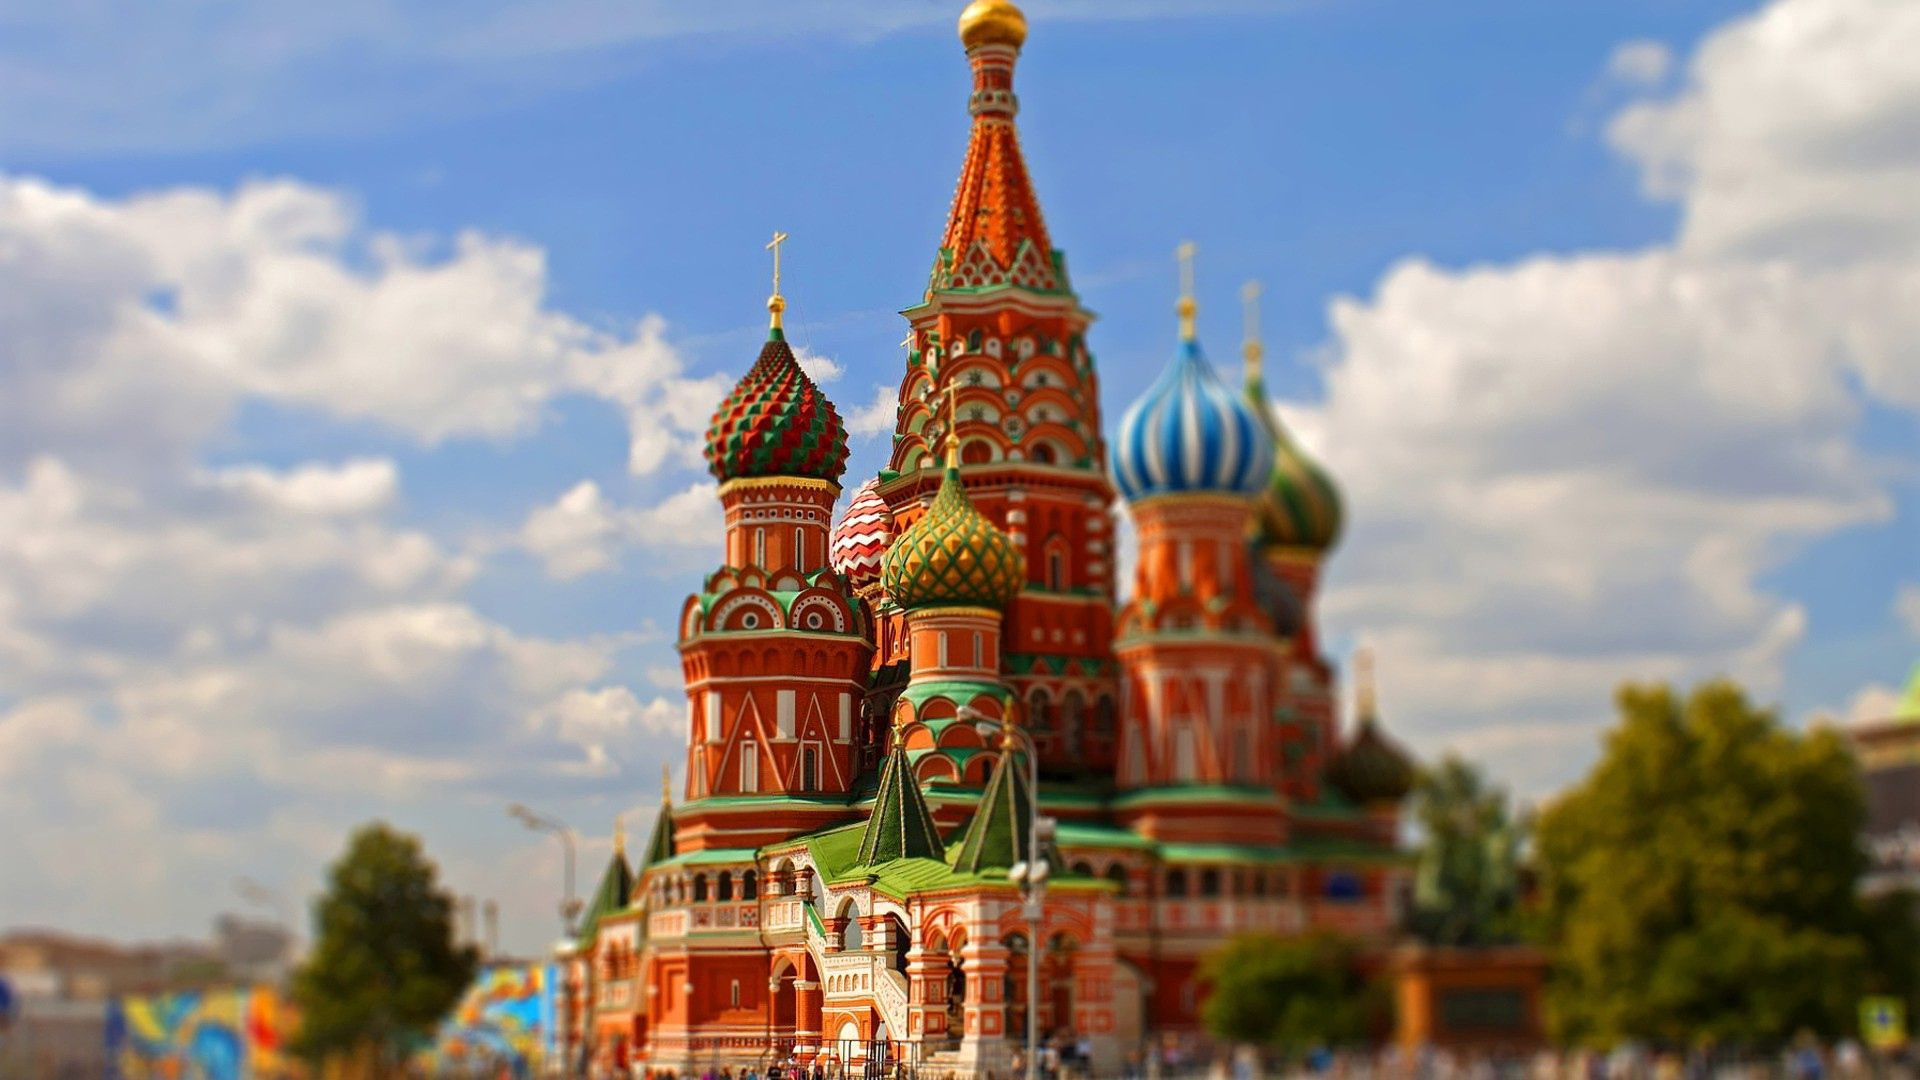 140265 скачать обои Москва, Россия, Кремль, Города - заставки и картинки бесплатно